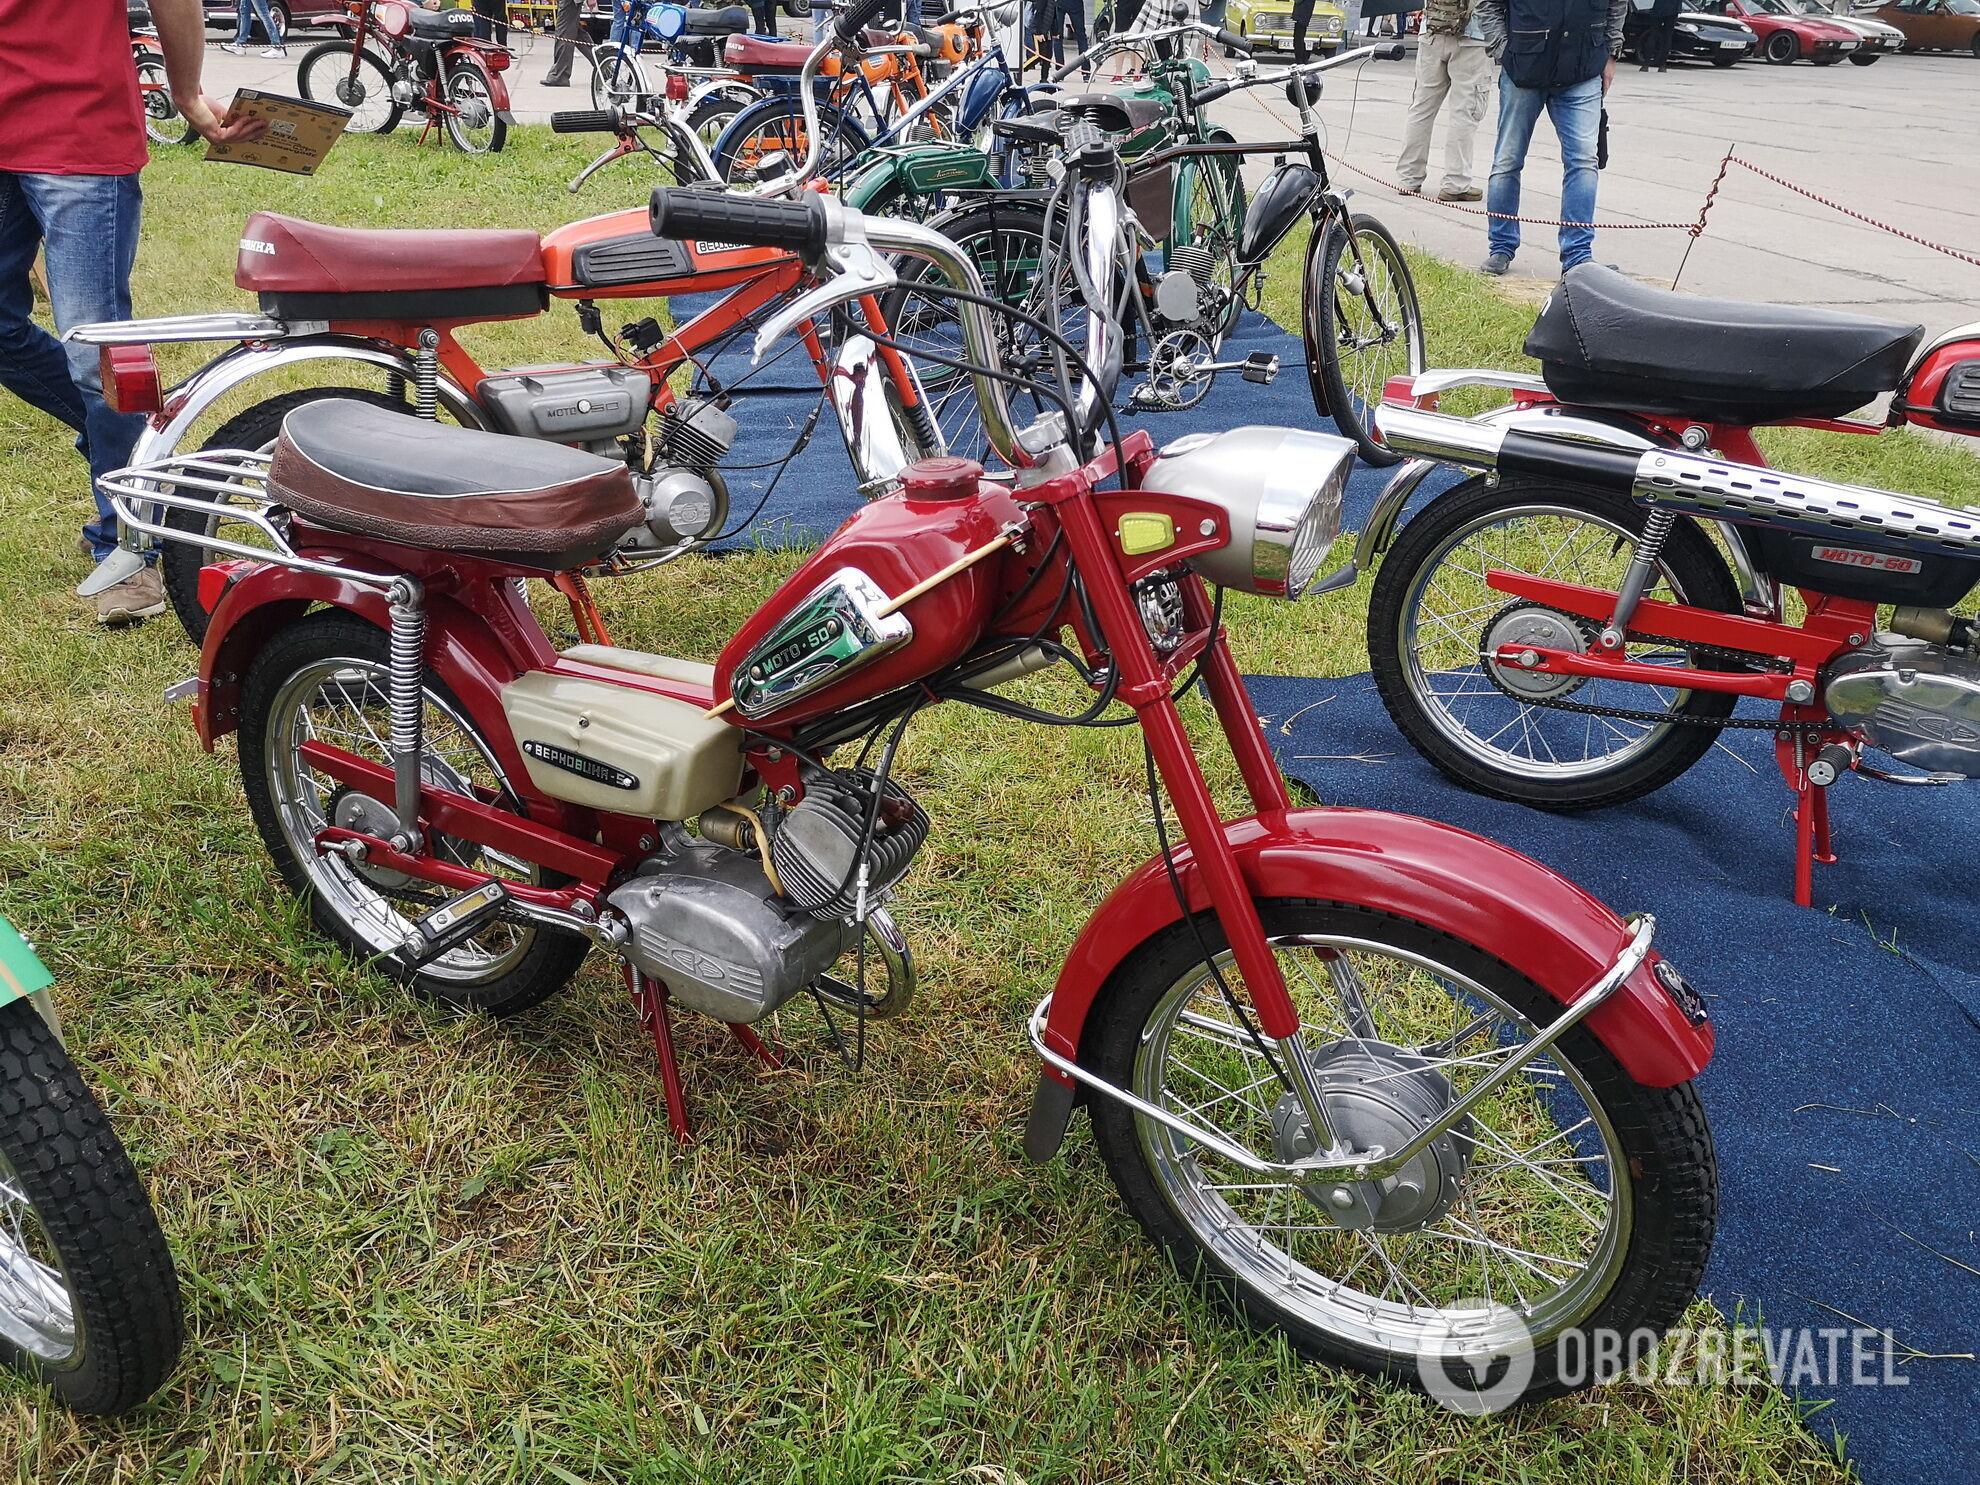 """Редкая переходная модель ЛМЗ-2.153 """"Верховина"""" 1975 года"""